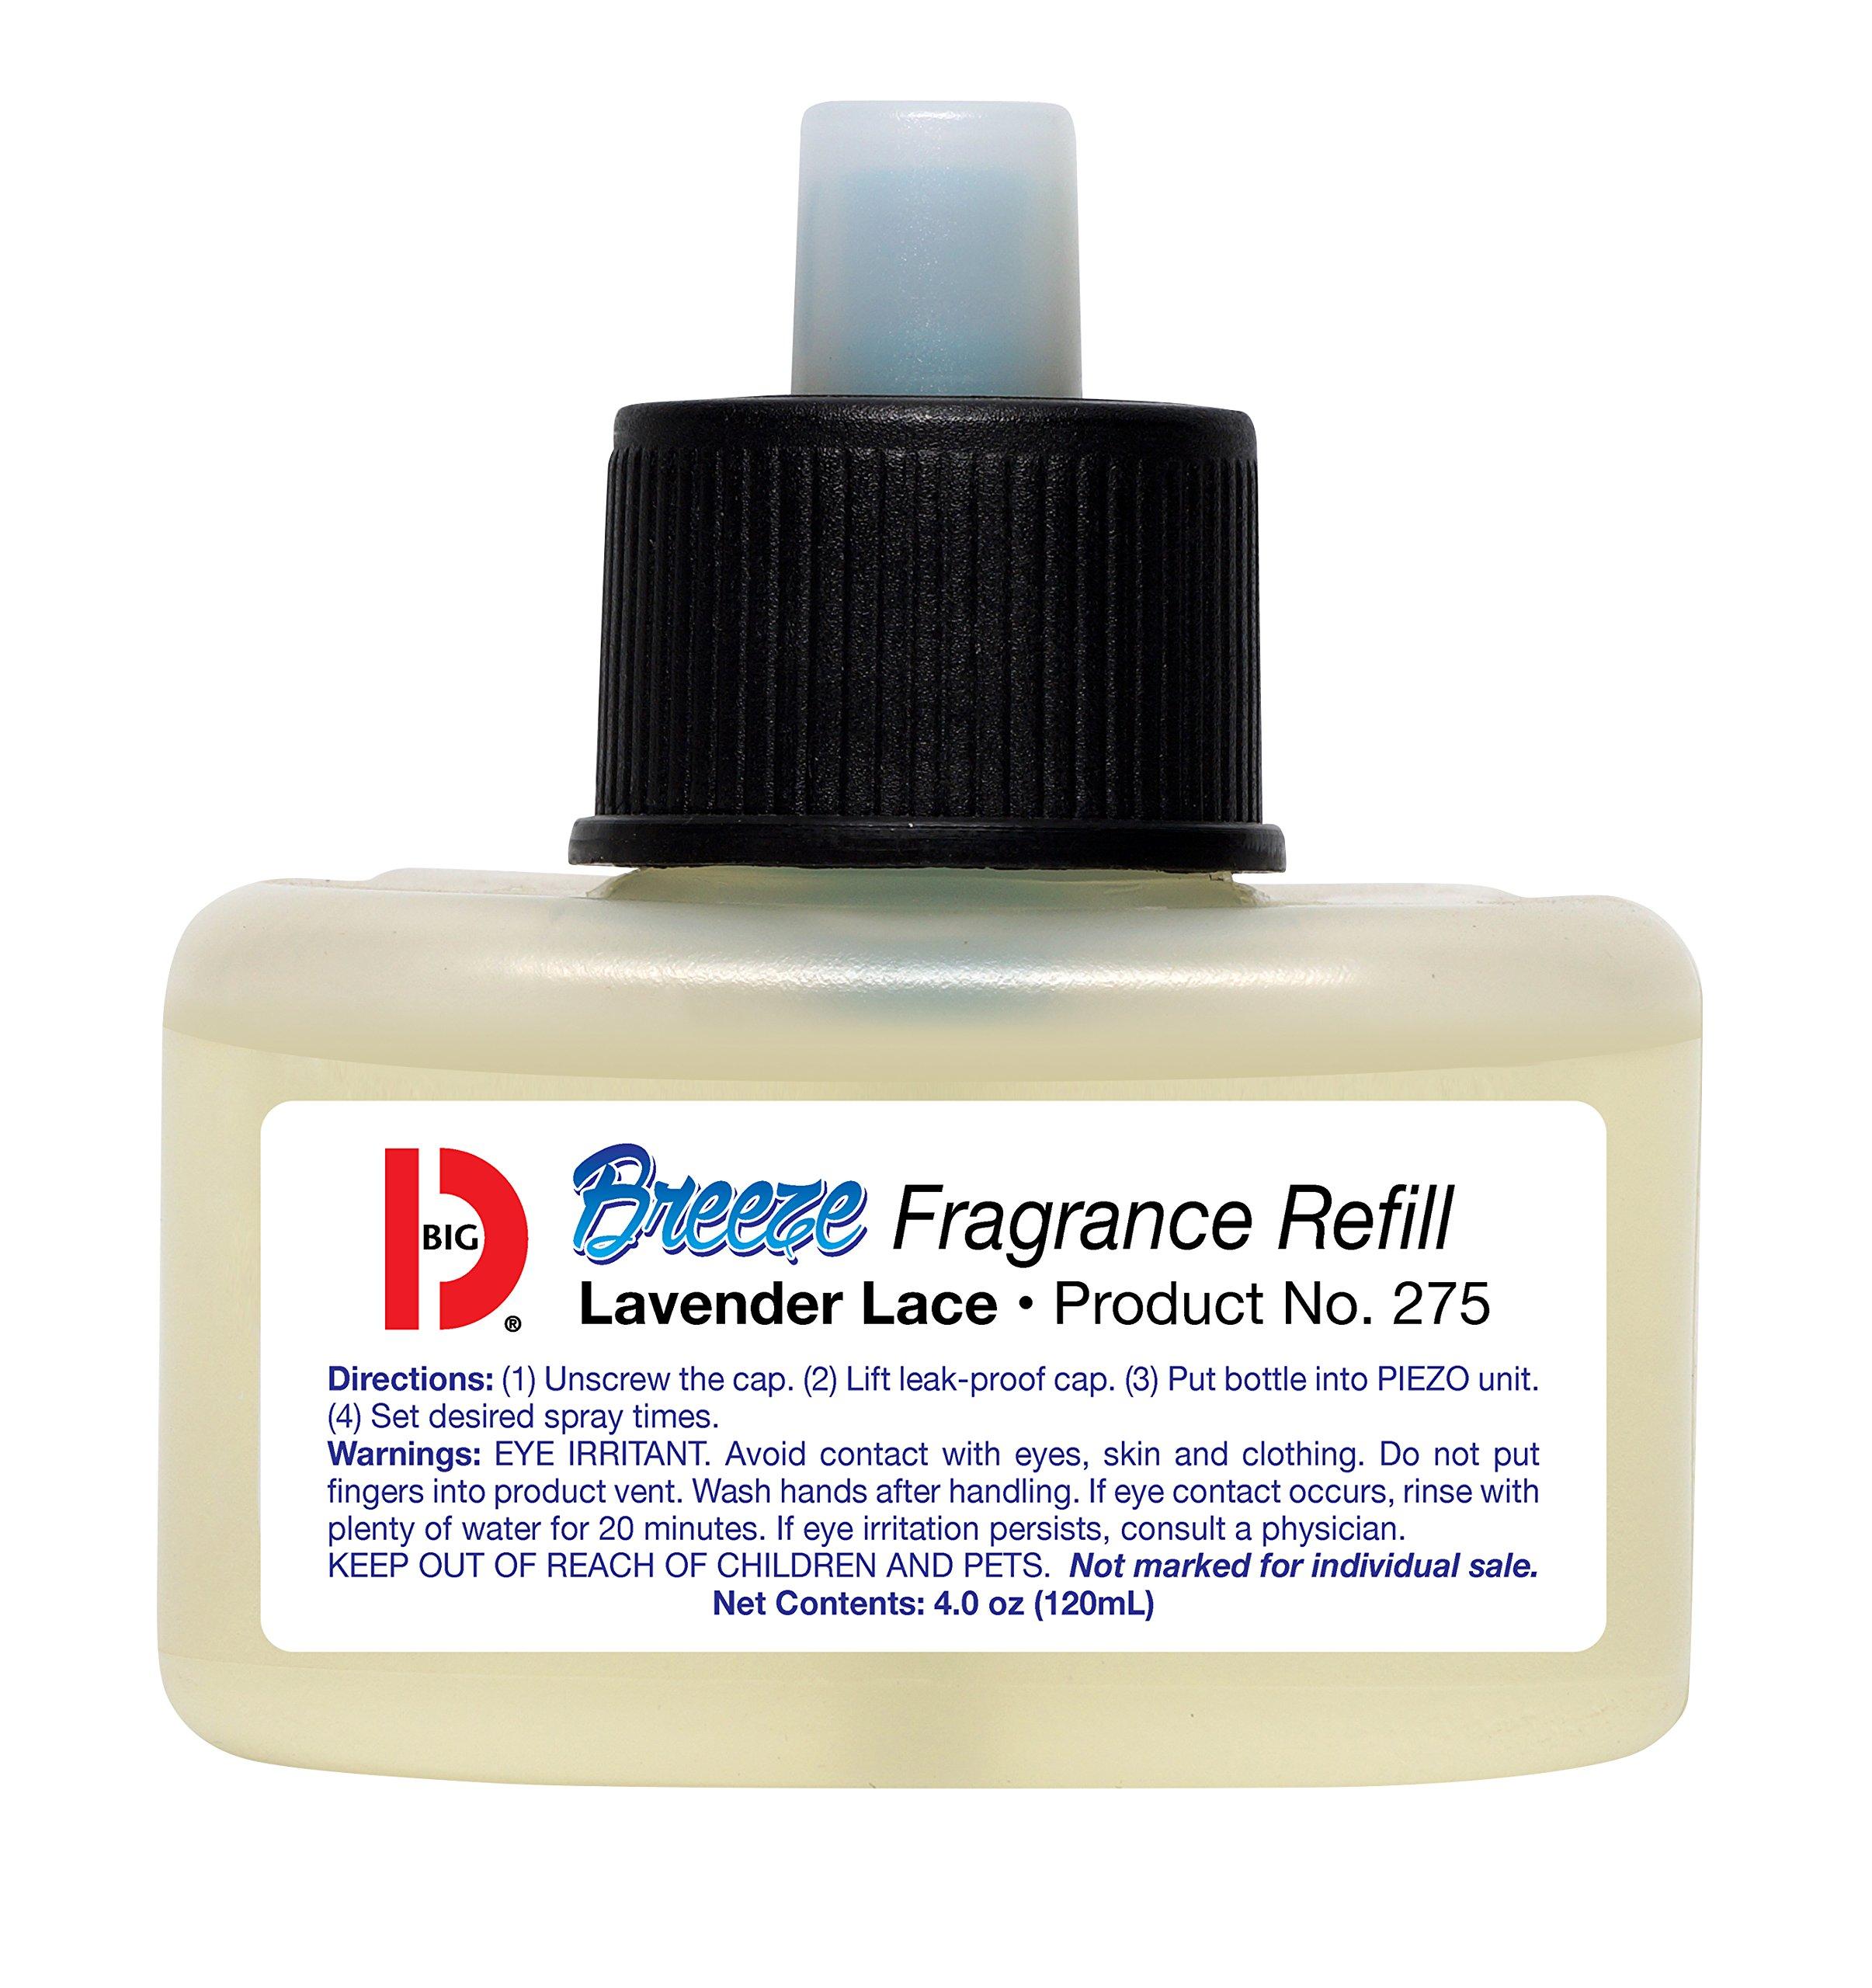 Big D 275 Fragrance Refill for Breeze Dispenser, Lavender Lace Fragrance (pack of 6)